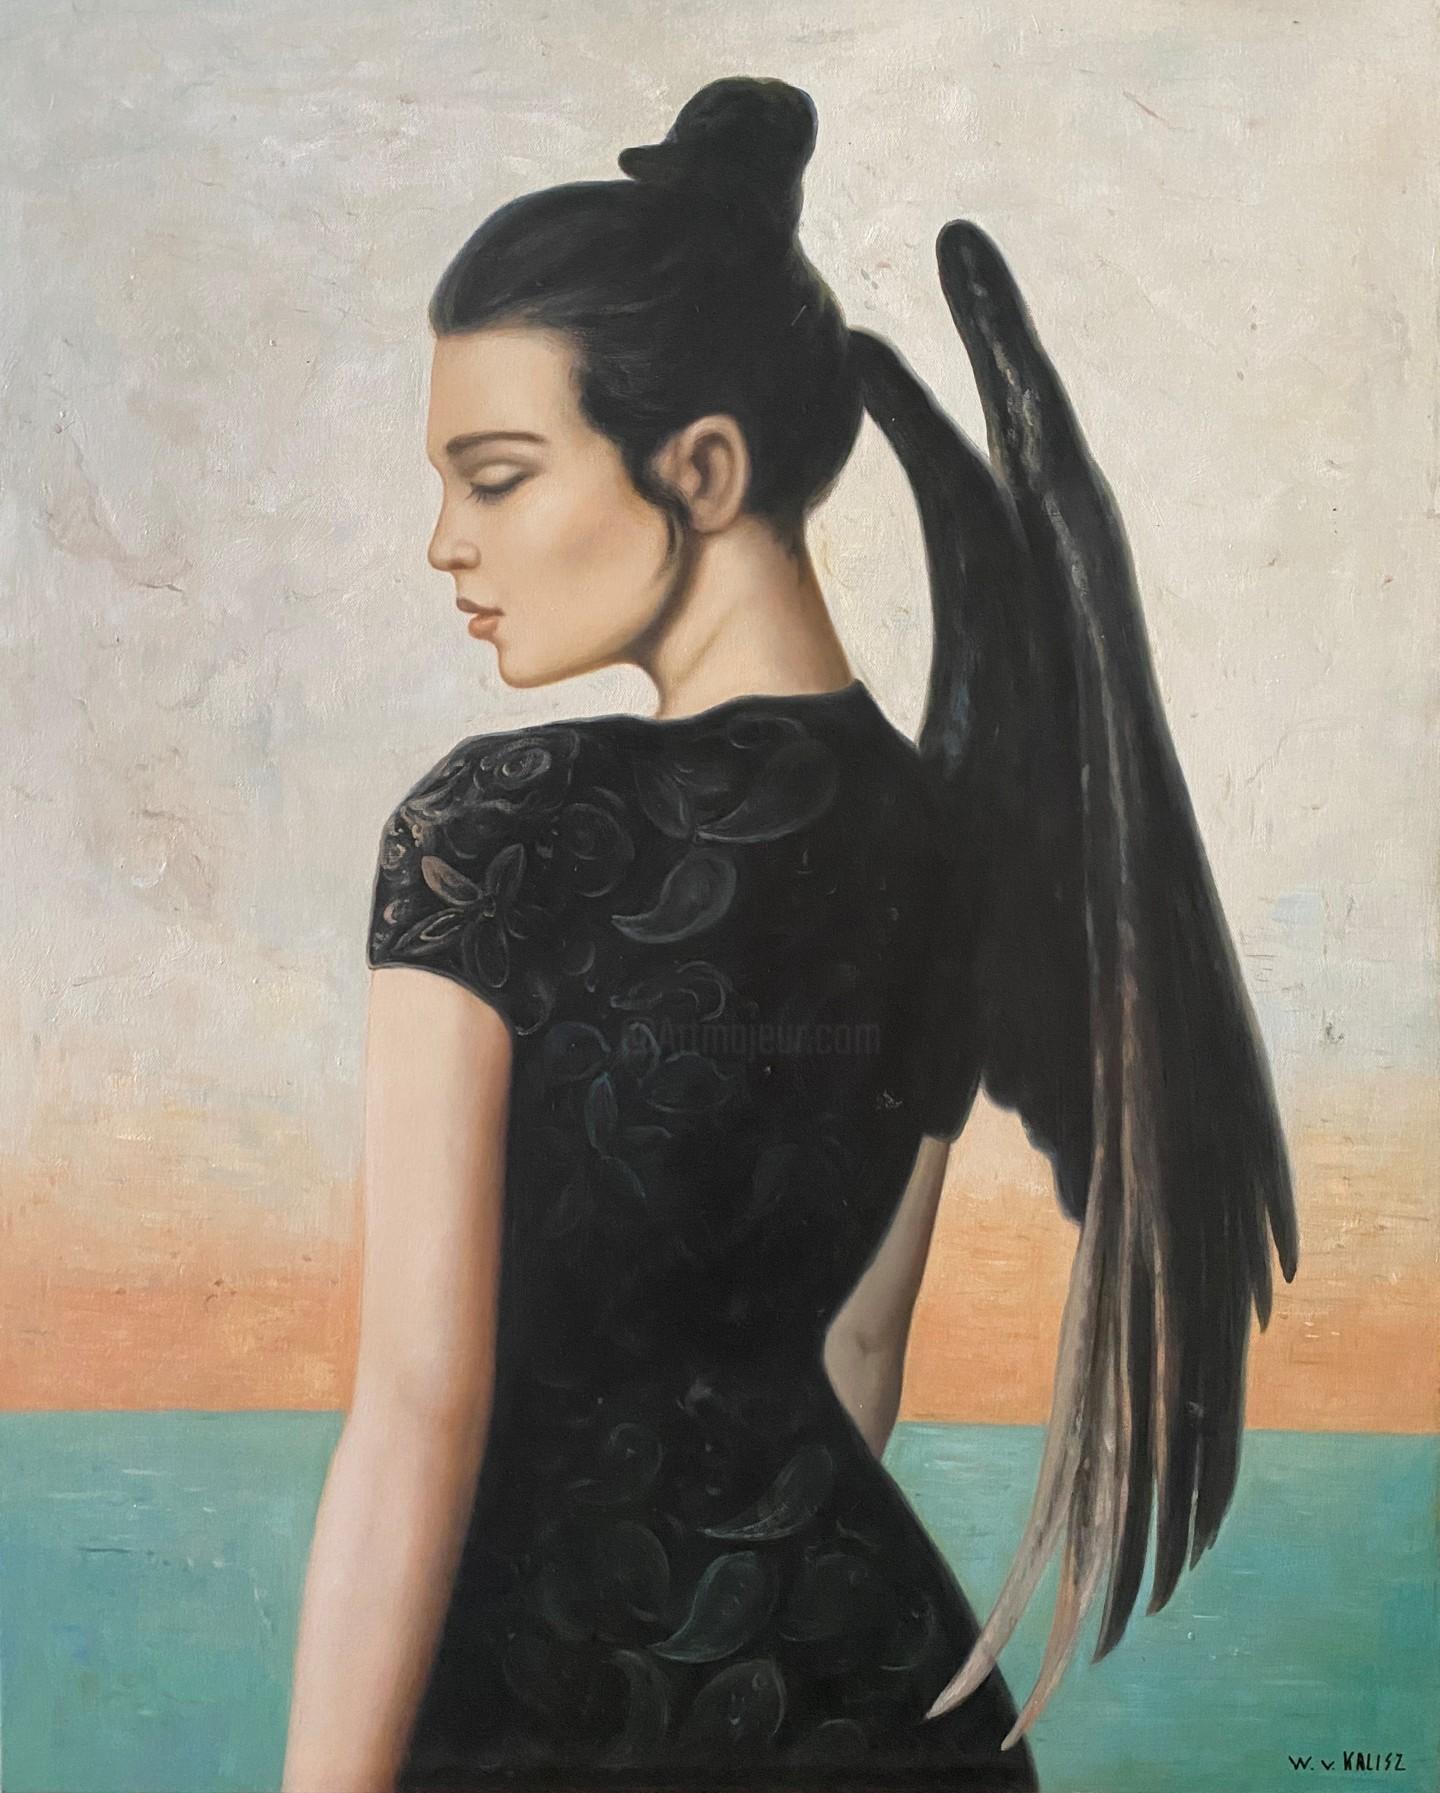 Wilhem Von Kalisz - Alessia